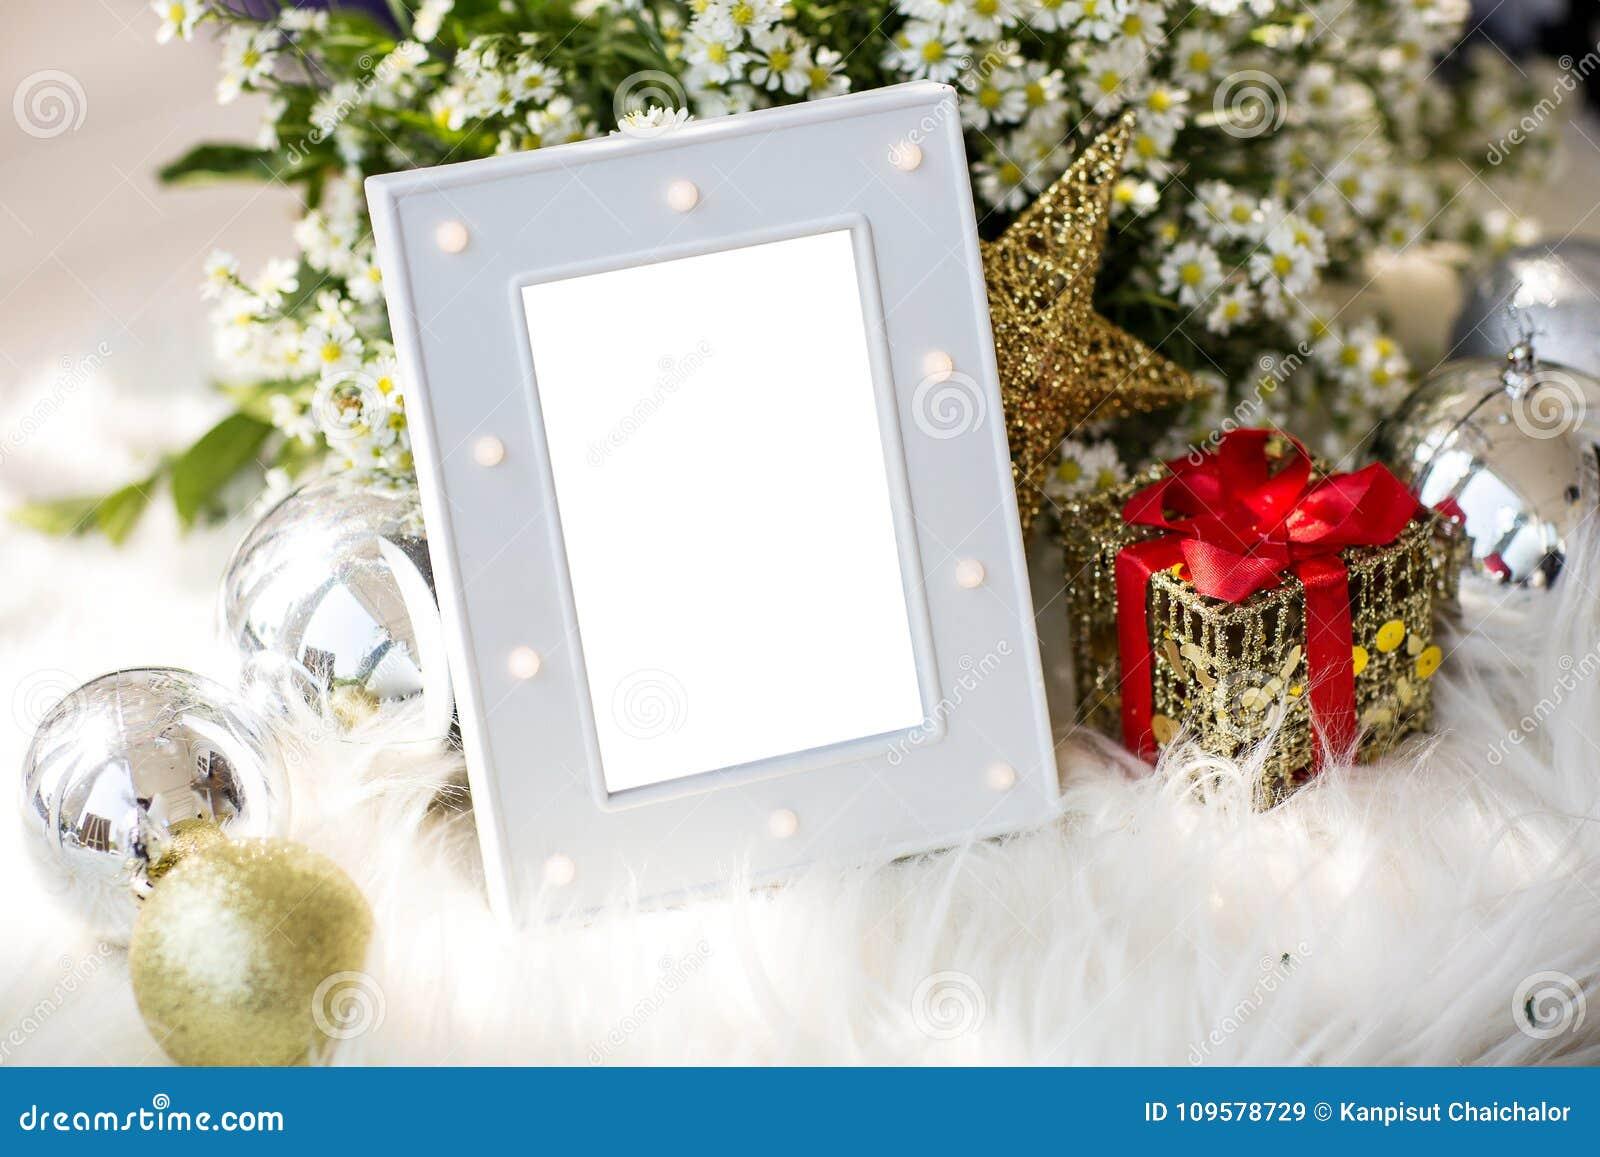 El marco gris de lujo en blanco de la foto con el tema casero de la Navidad de la decoración para añade el texto